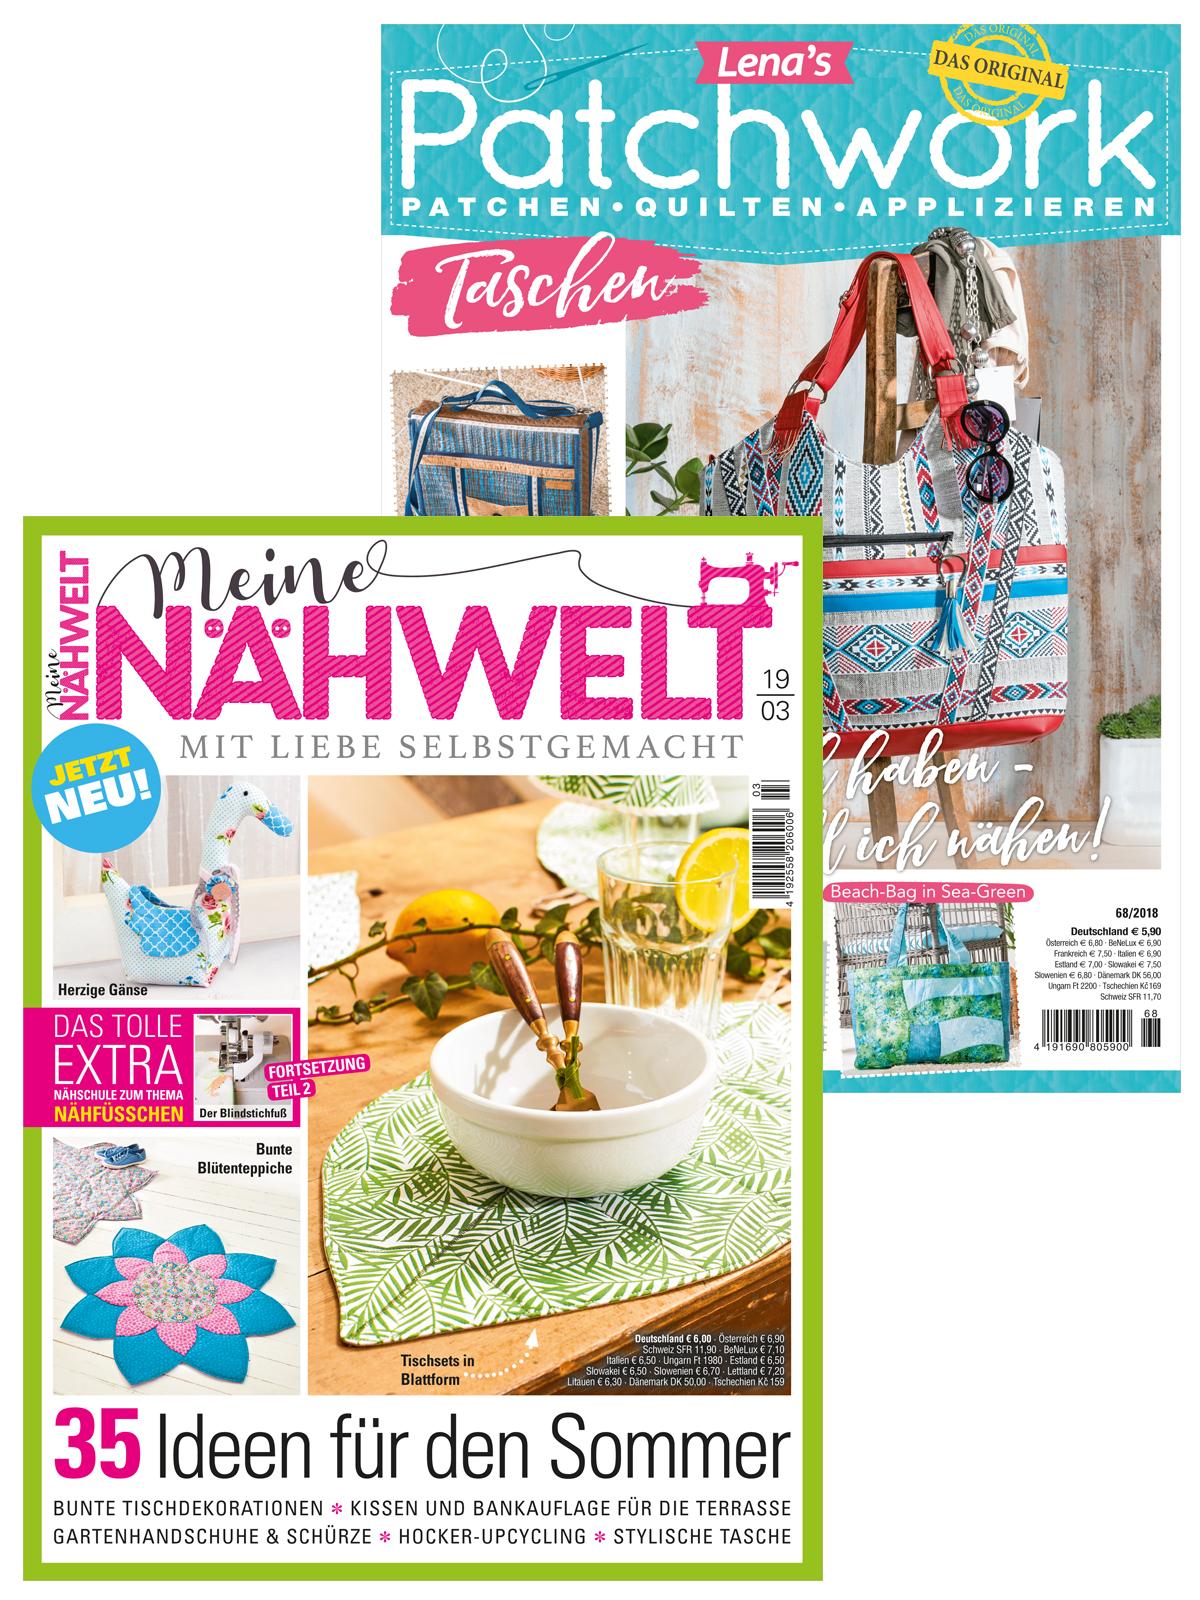 Zwei Zeitschriften im Sparpaket: Meine Nähwelt Nr. 03/2019 und Lenas Patchwork Nr. 68/2018